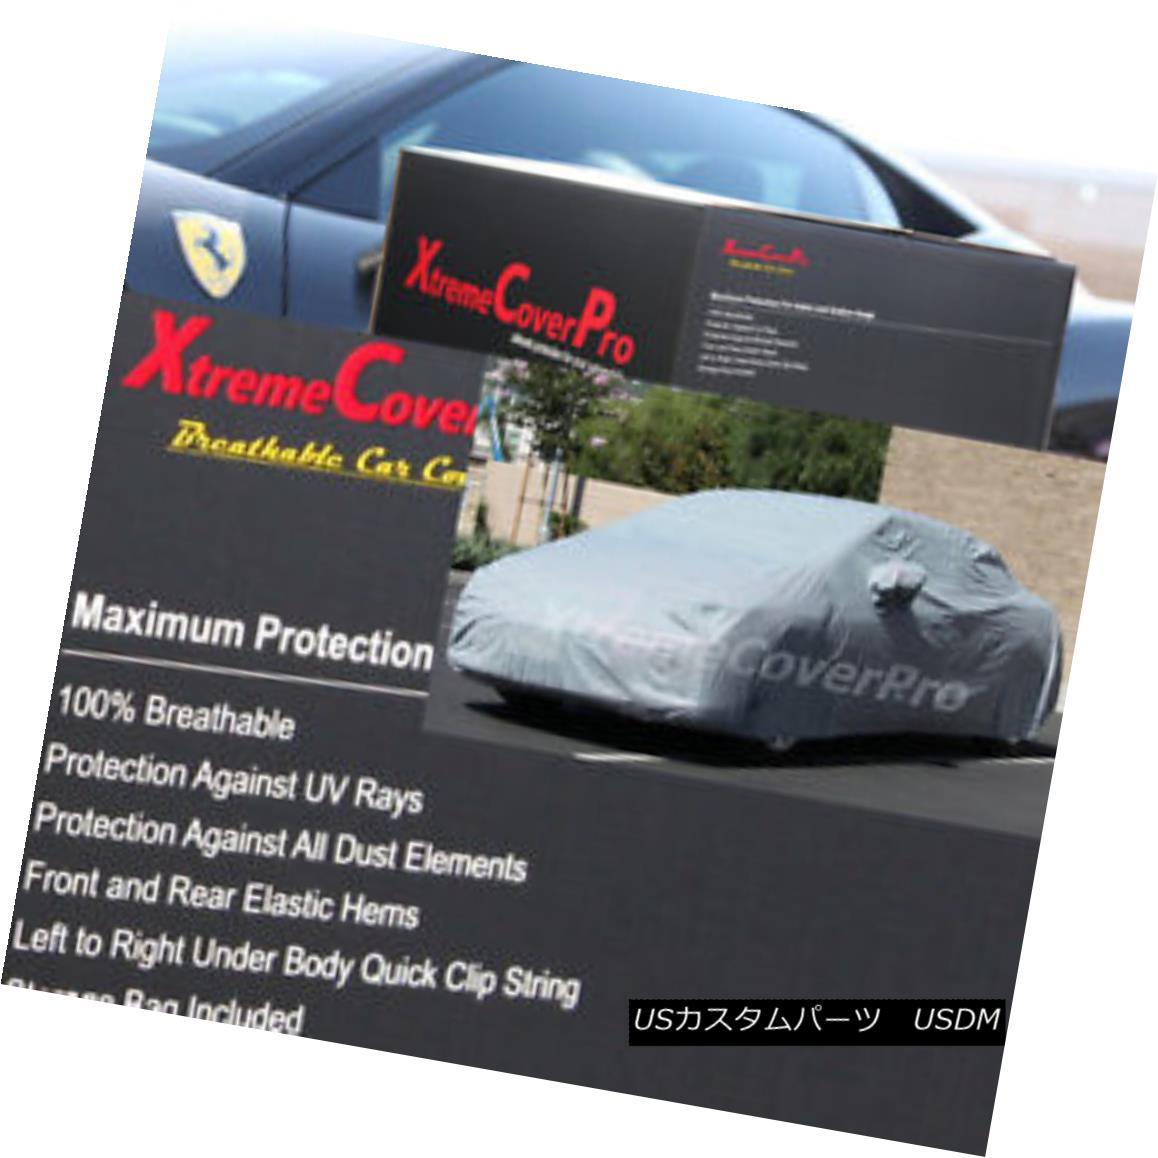 カーカバー 2010 2011 2012 2013 Chevy Camaro Breathable Car Cover w/MirrorPocket 2010年2011年2013年シボレーカマロ通気性車カバー付きMirrorPocket